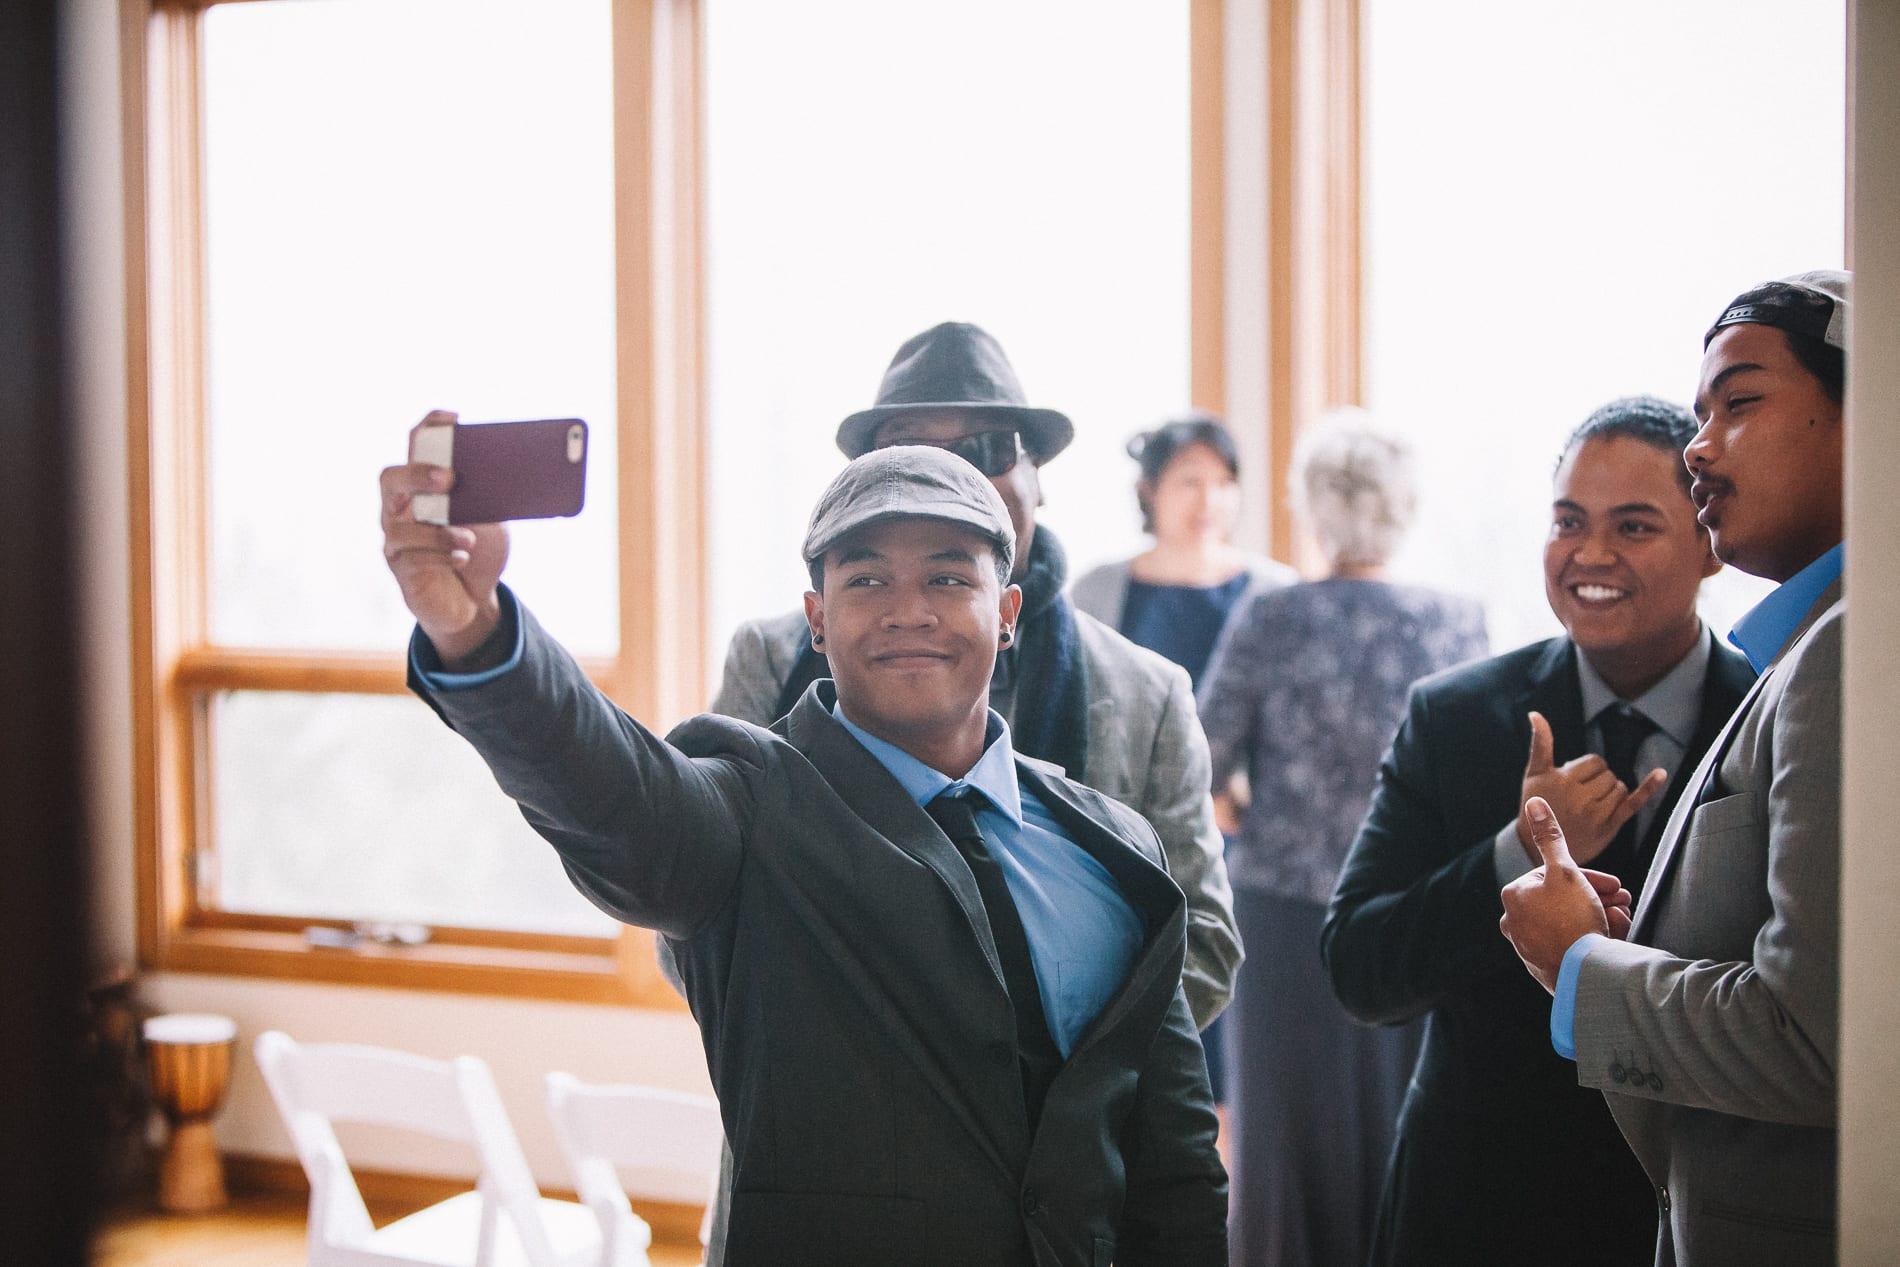 morrow-ranch-round-mountain-wedding-photo-23